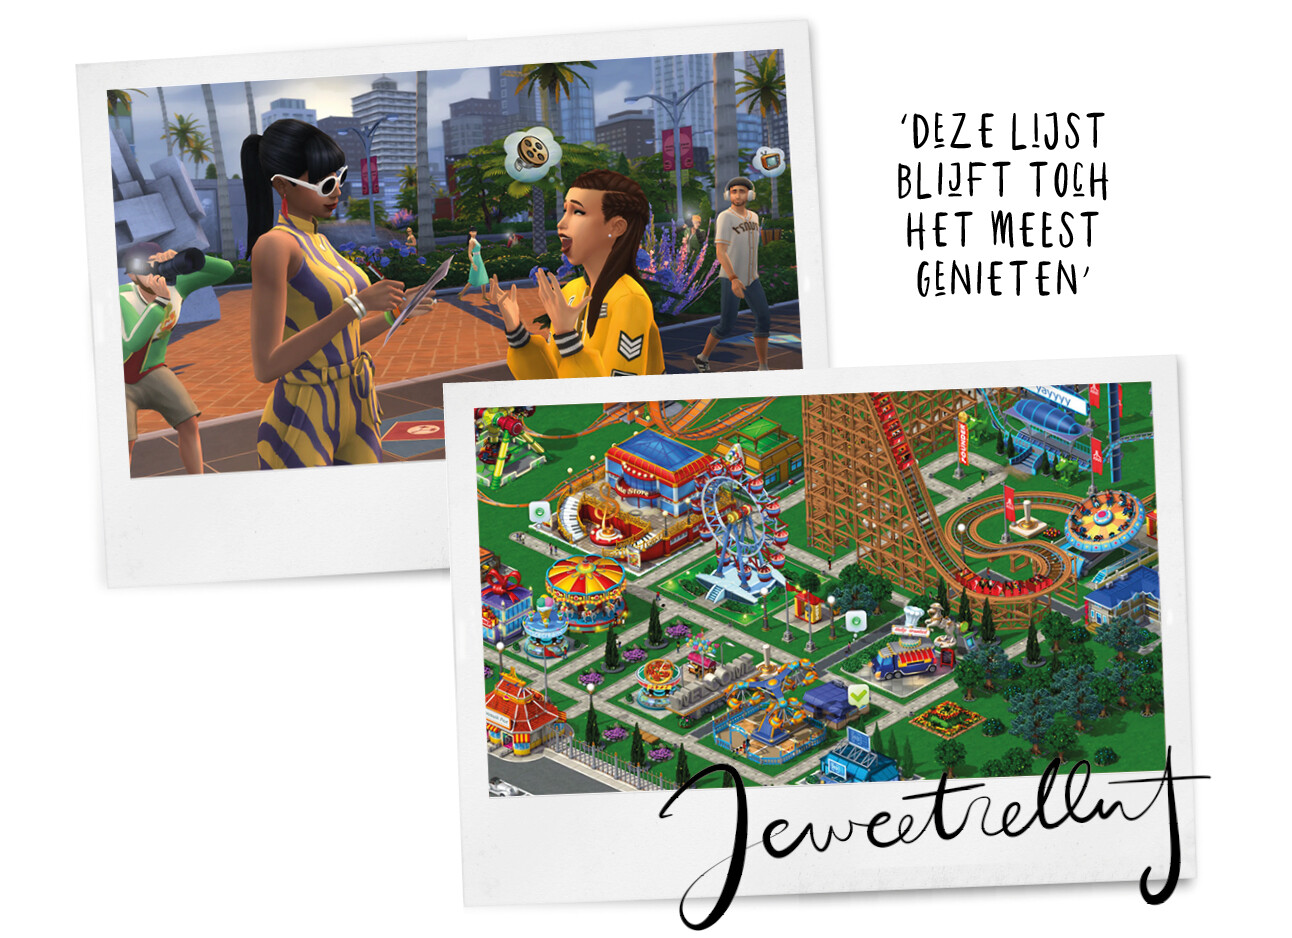 De online games die we vroeger allemaal speelden